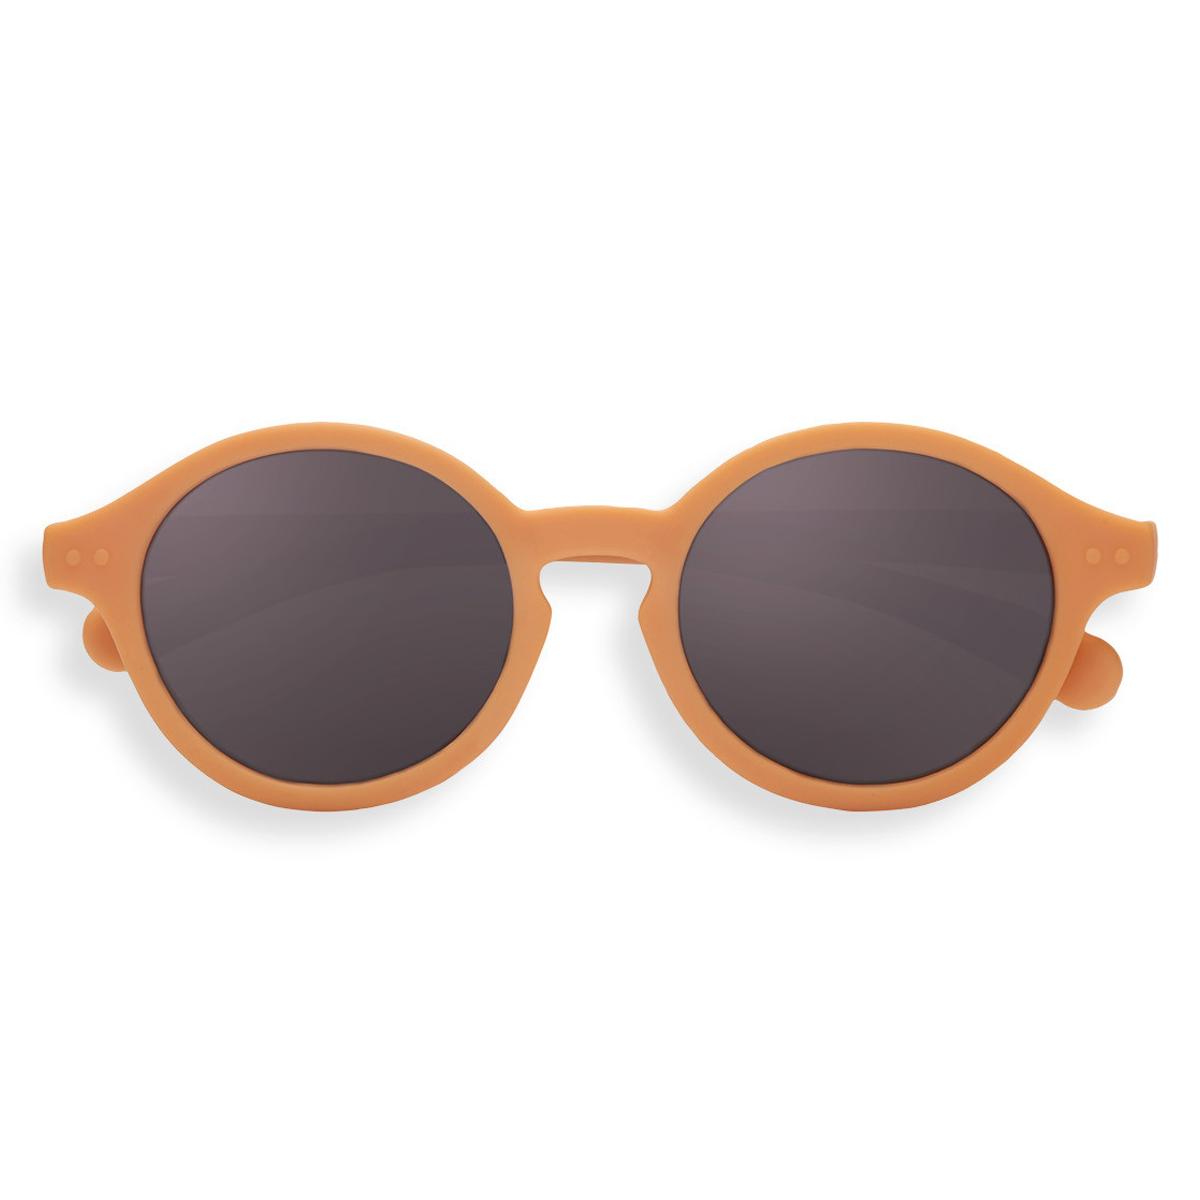 Accessoires bébé Lunettes de Soleil Sun Kids+ 3/5 Ans - Sunny Orange Lunettes de Soleil Sun Kids+ 3/5 Ans - Sunny Orange